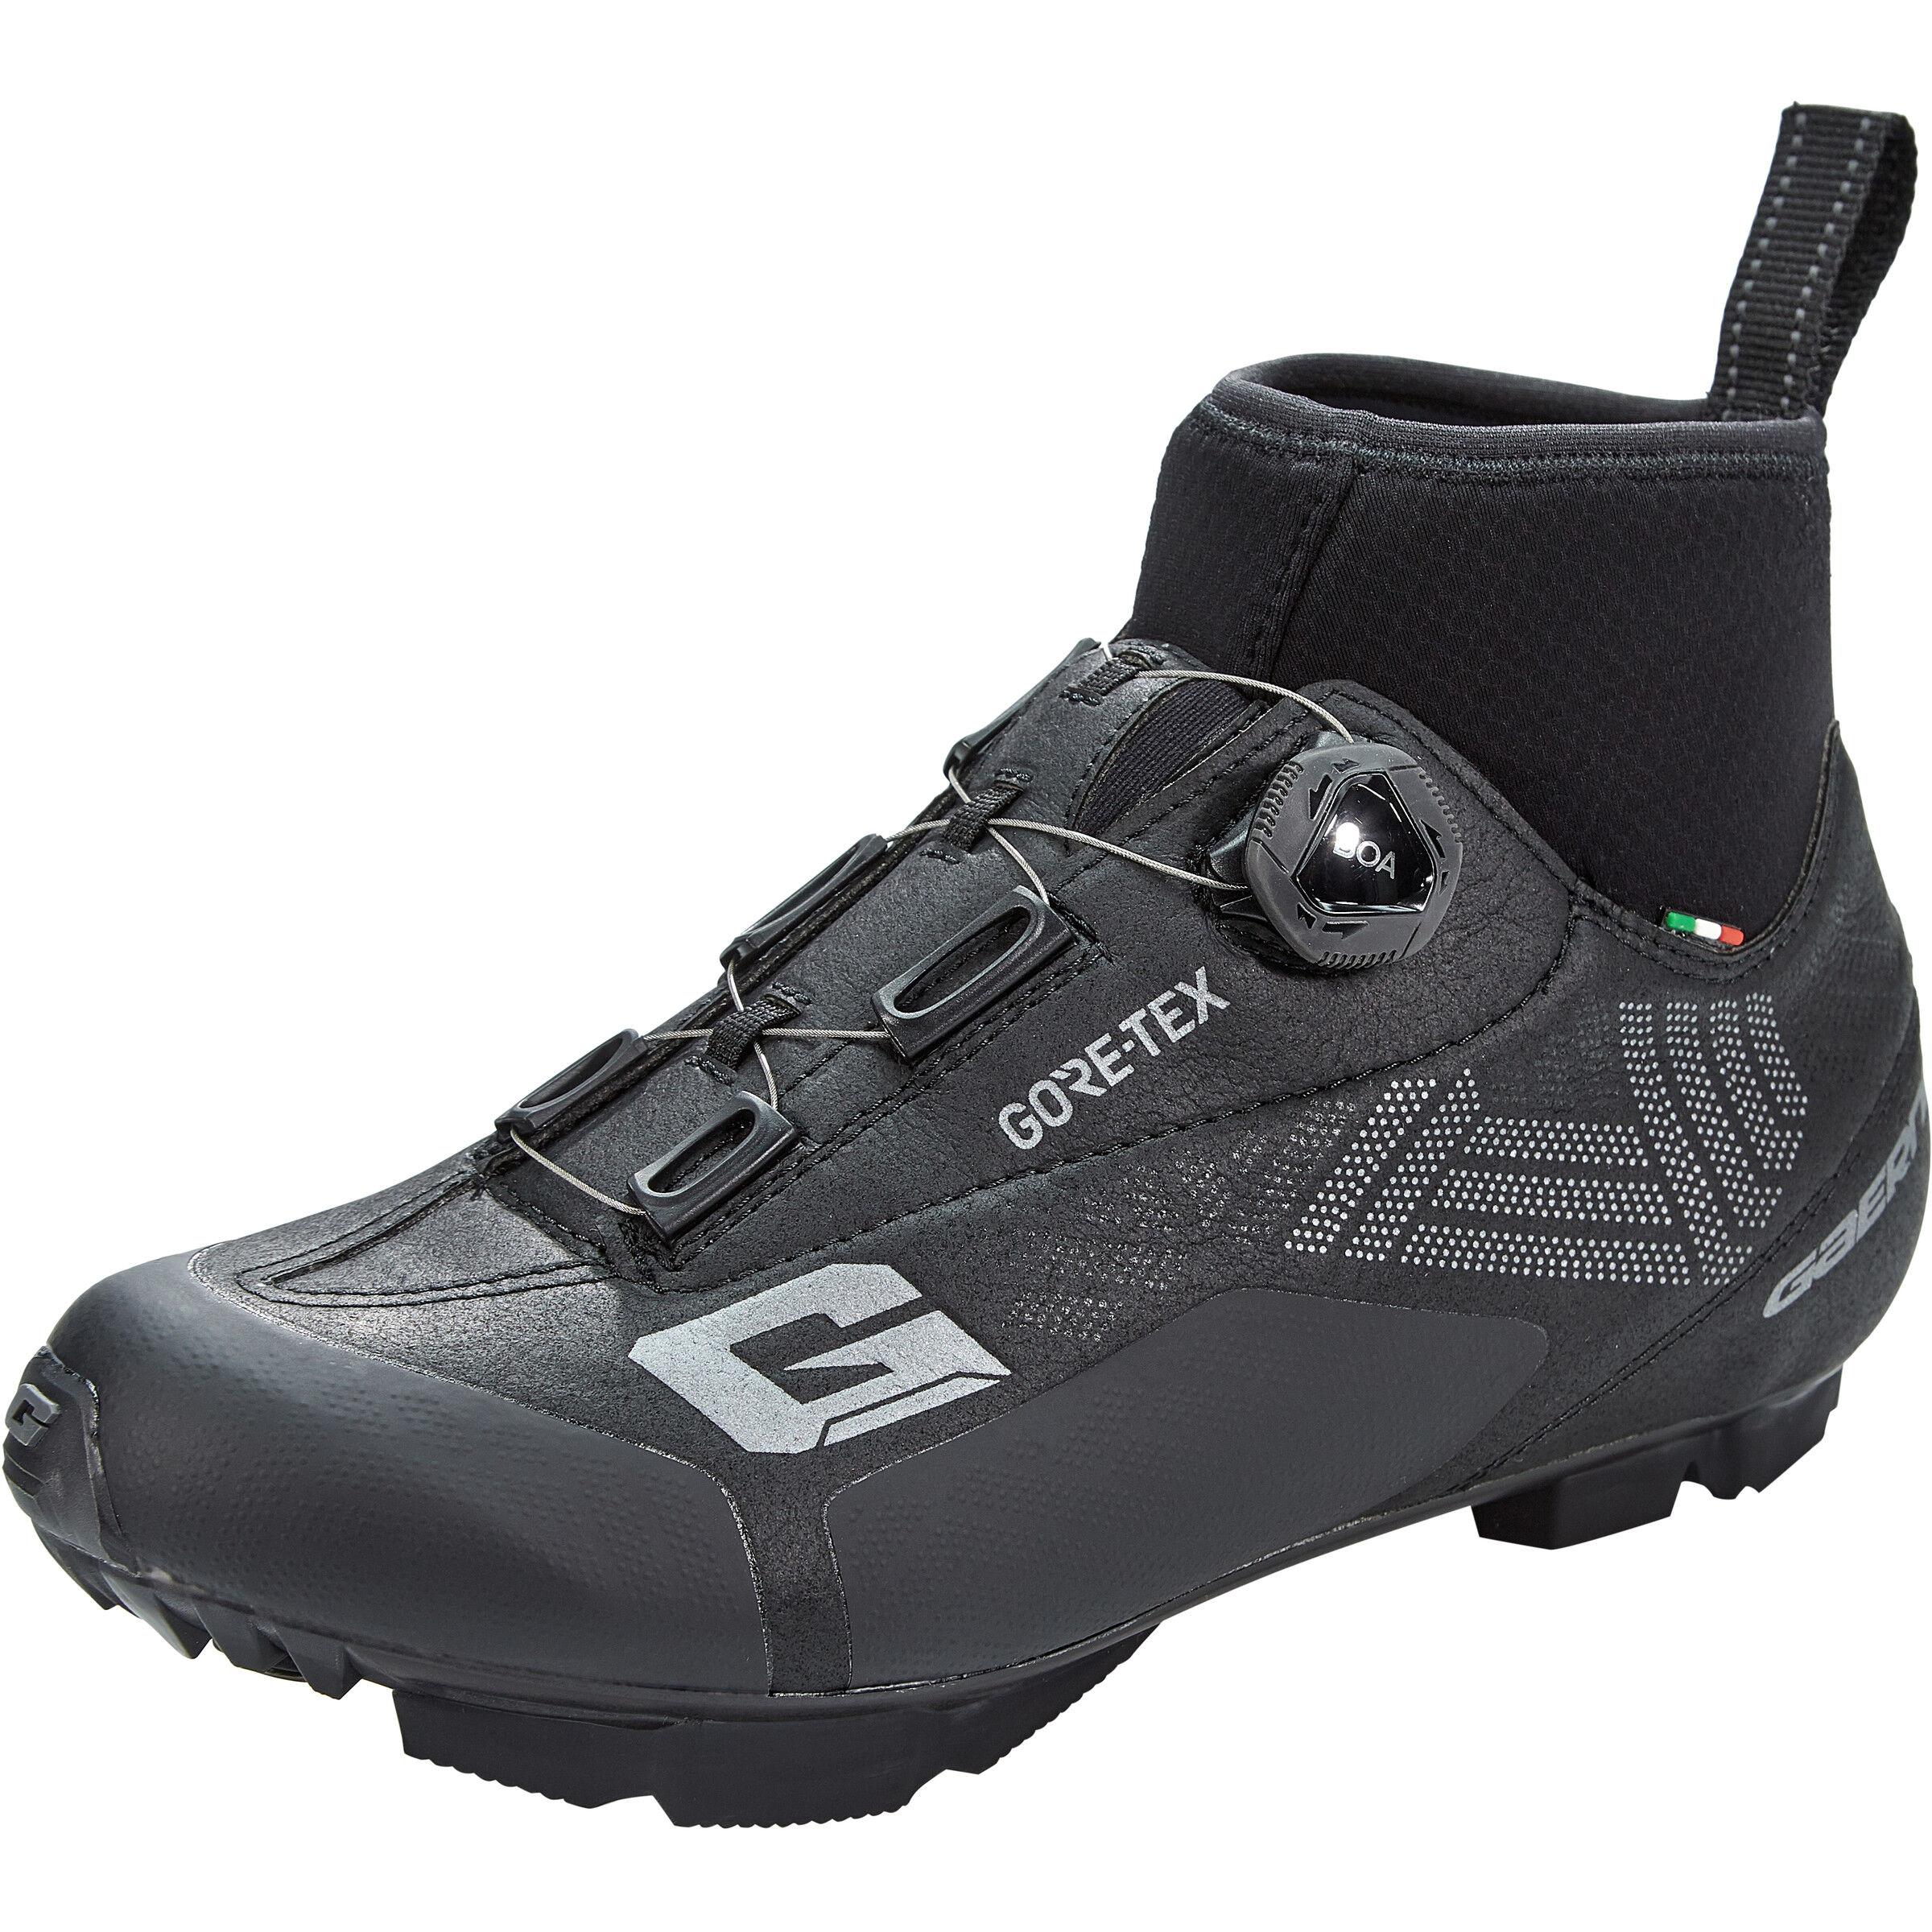 Gtx Arctic Raptor Shoes Herren Performance Black Northwave Line 35L4ARj